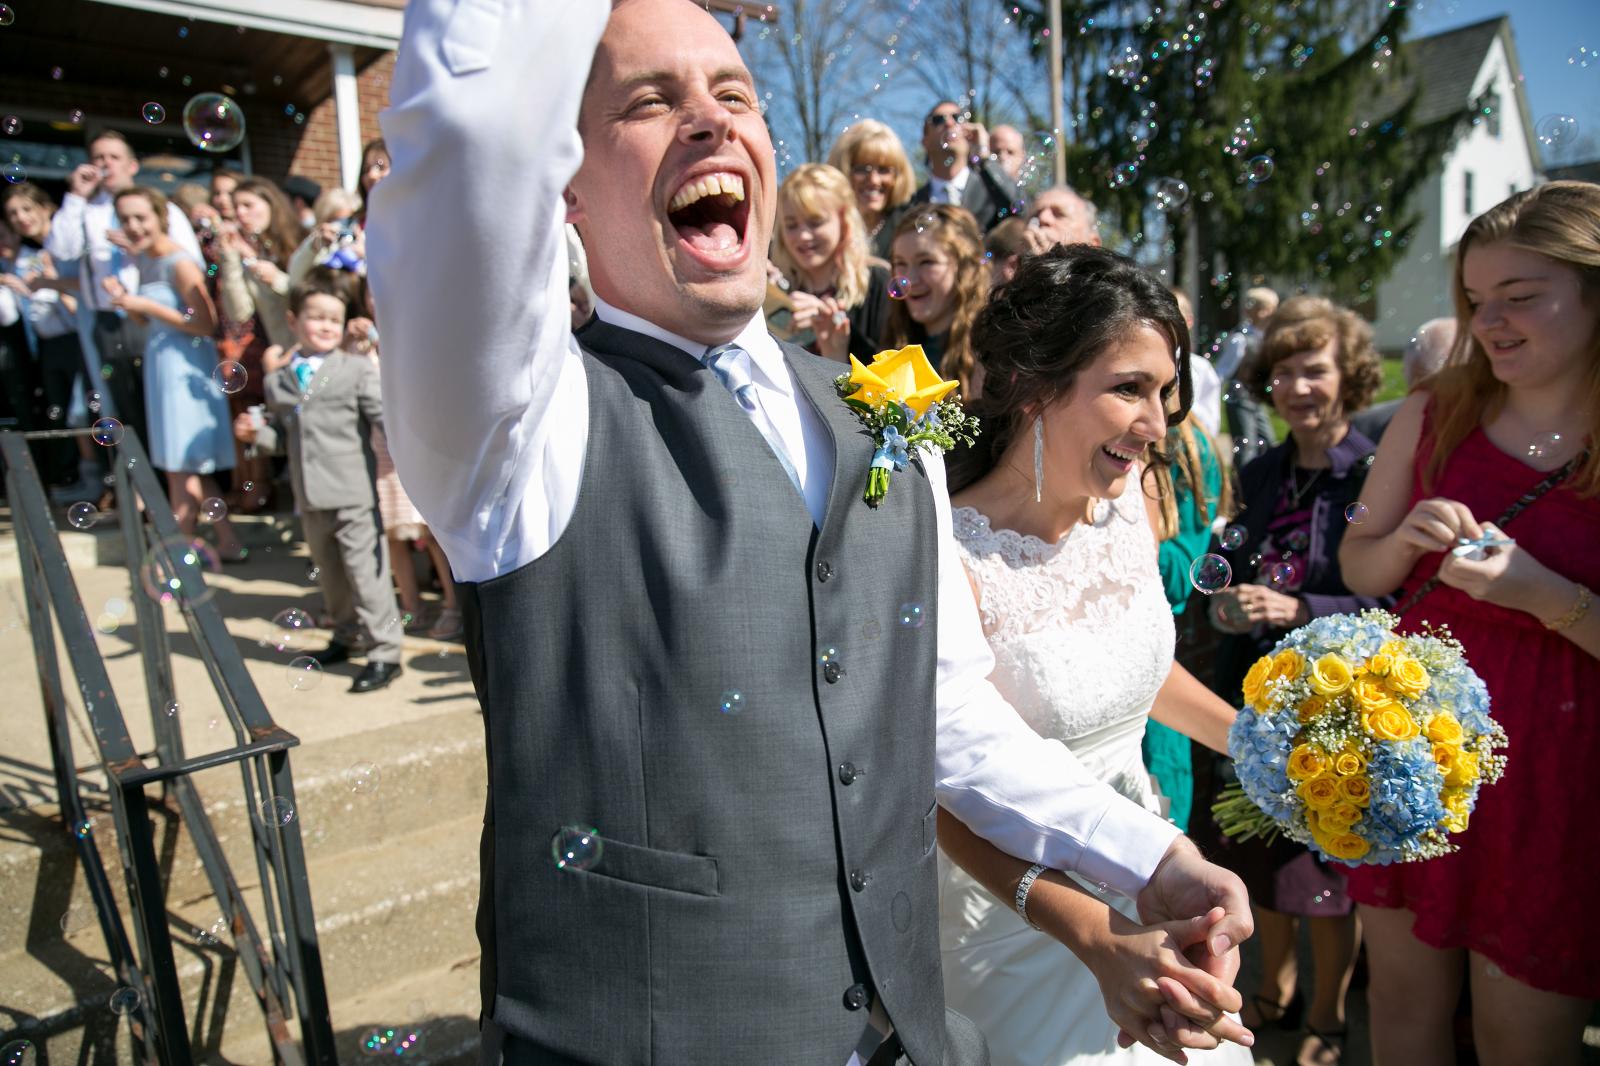 Ohio Wedding - Bubbles - Toledo Wedding - Just Married